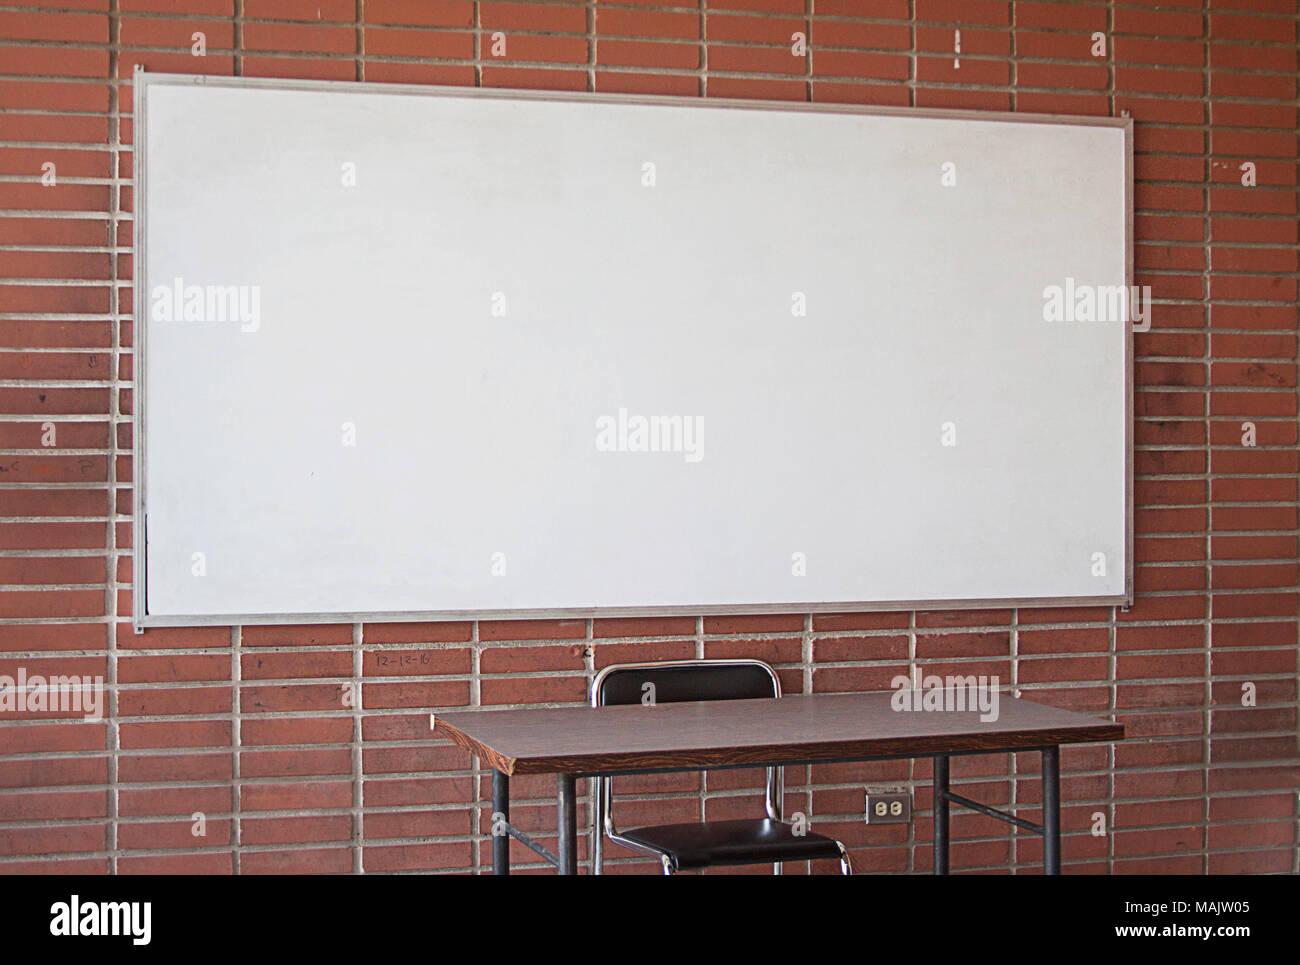 Bureau de l enseignant vide avec tableau blanc en arrière plan